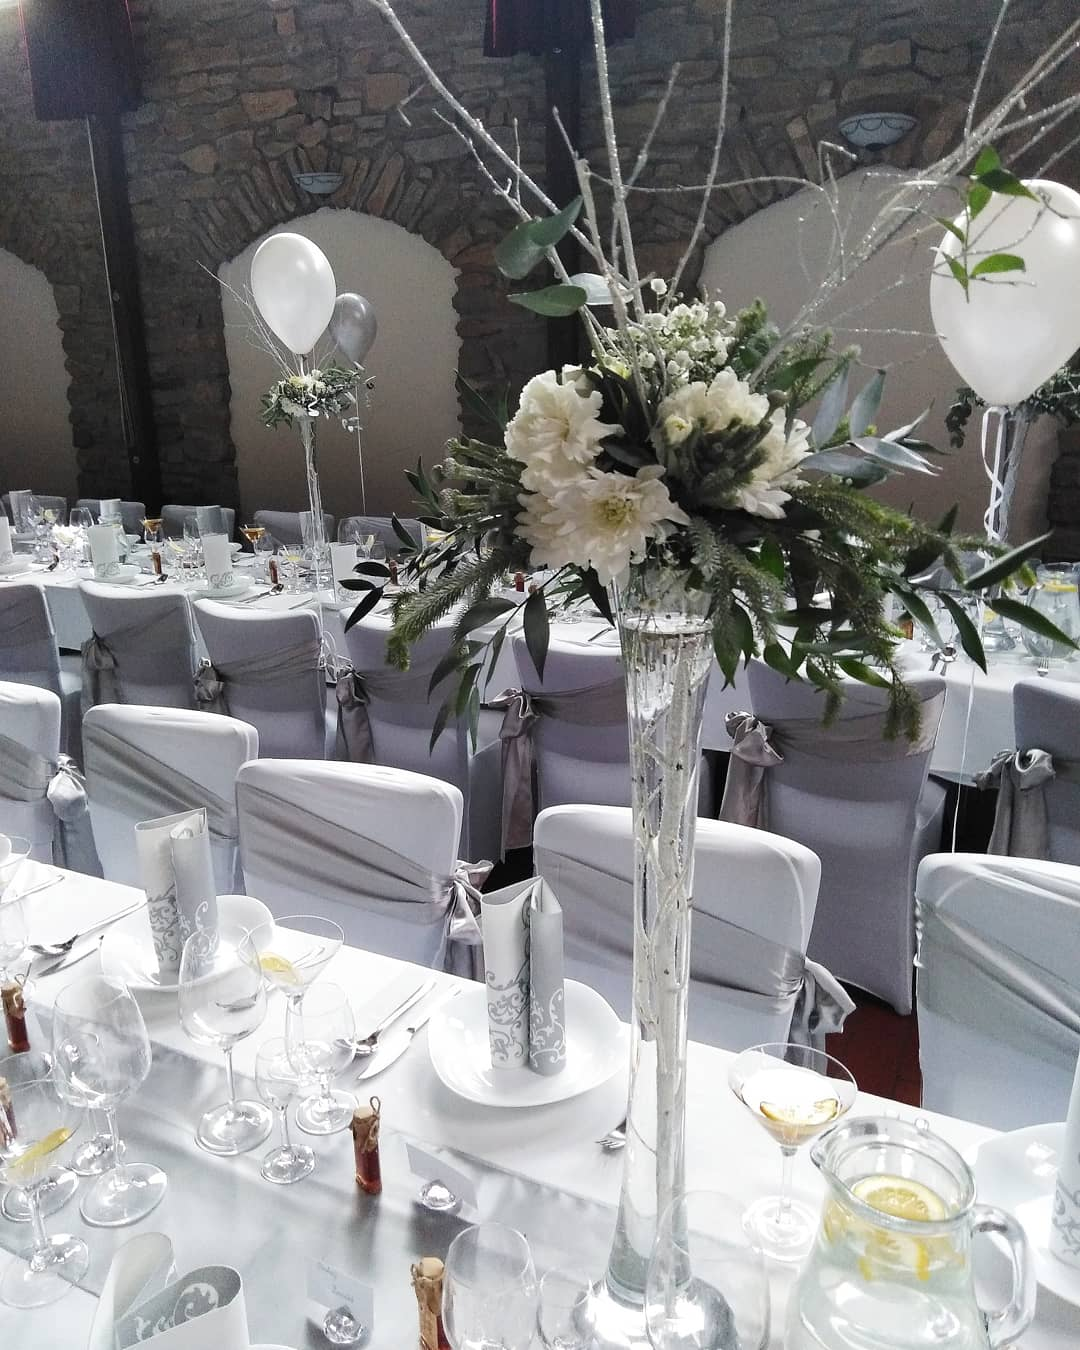 Zimná bielo-sivá svadbicka, Venuša, Spišská Nova Ves - Obrázok č. 3